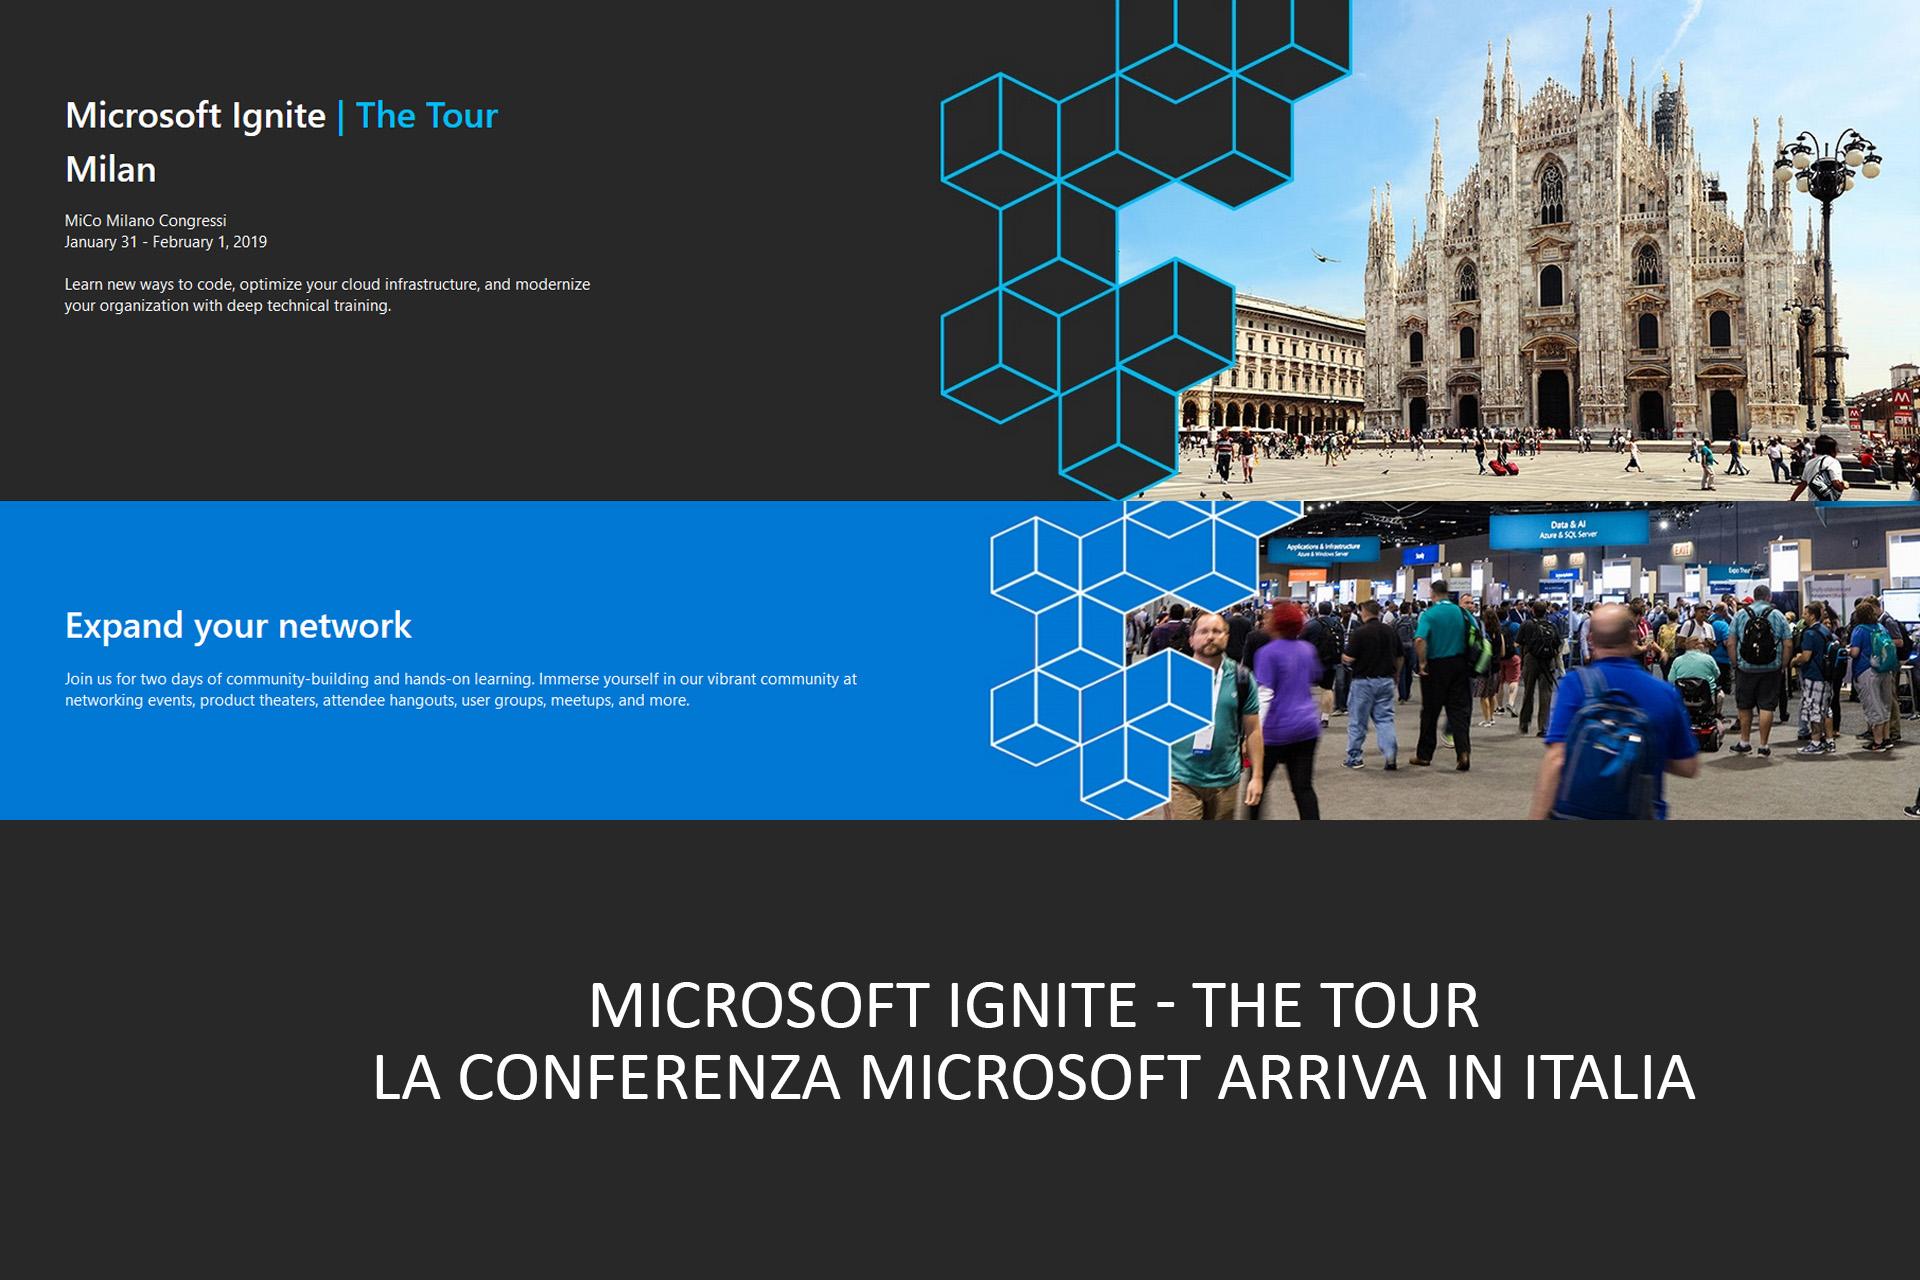 Microsoft Ignite – The Tour | La conferenza Microsoft arriva in Italia